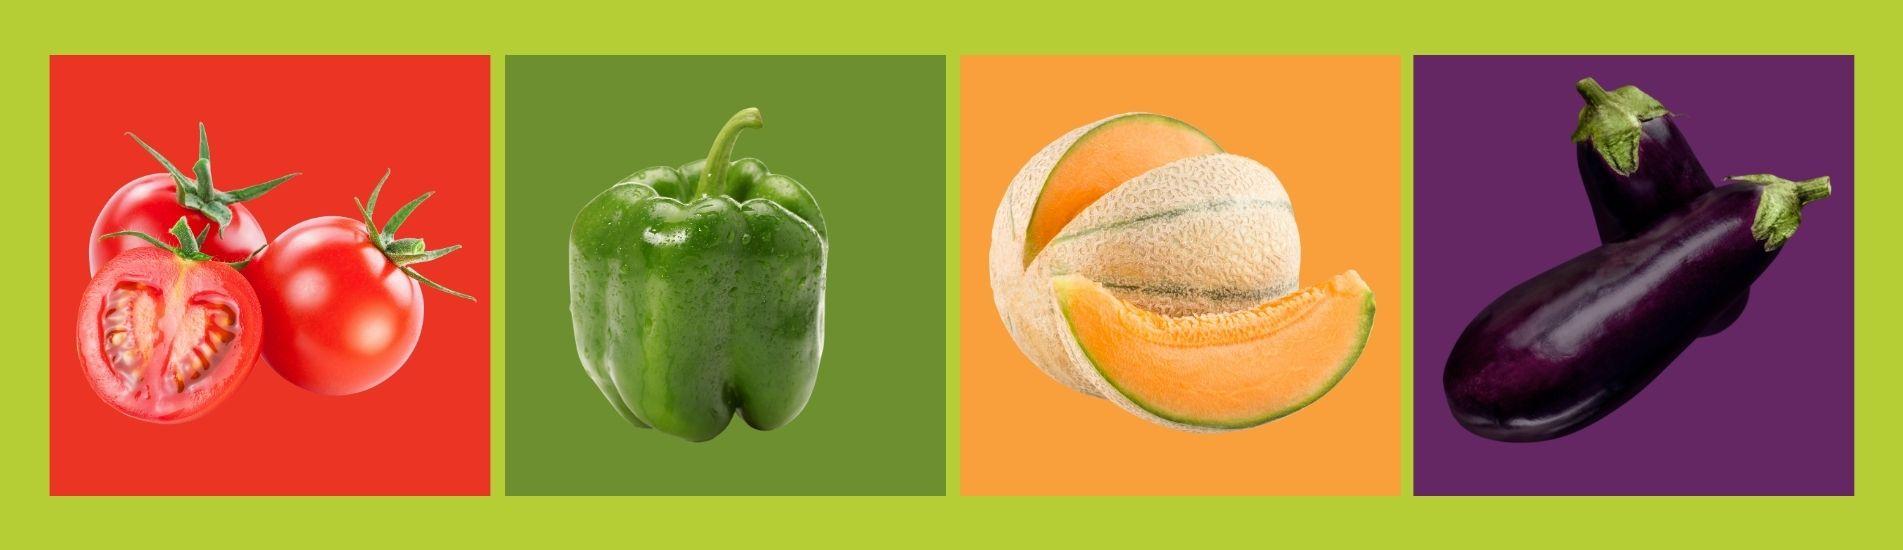 Beneficios de frutas y verduras según su color